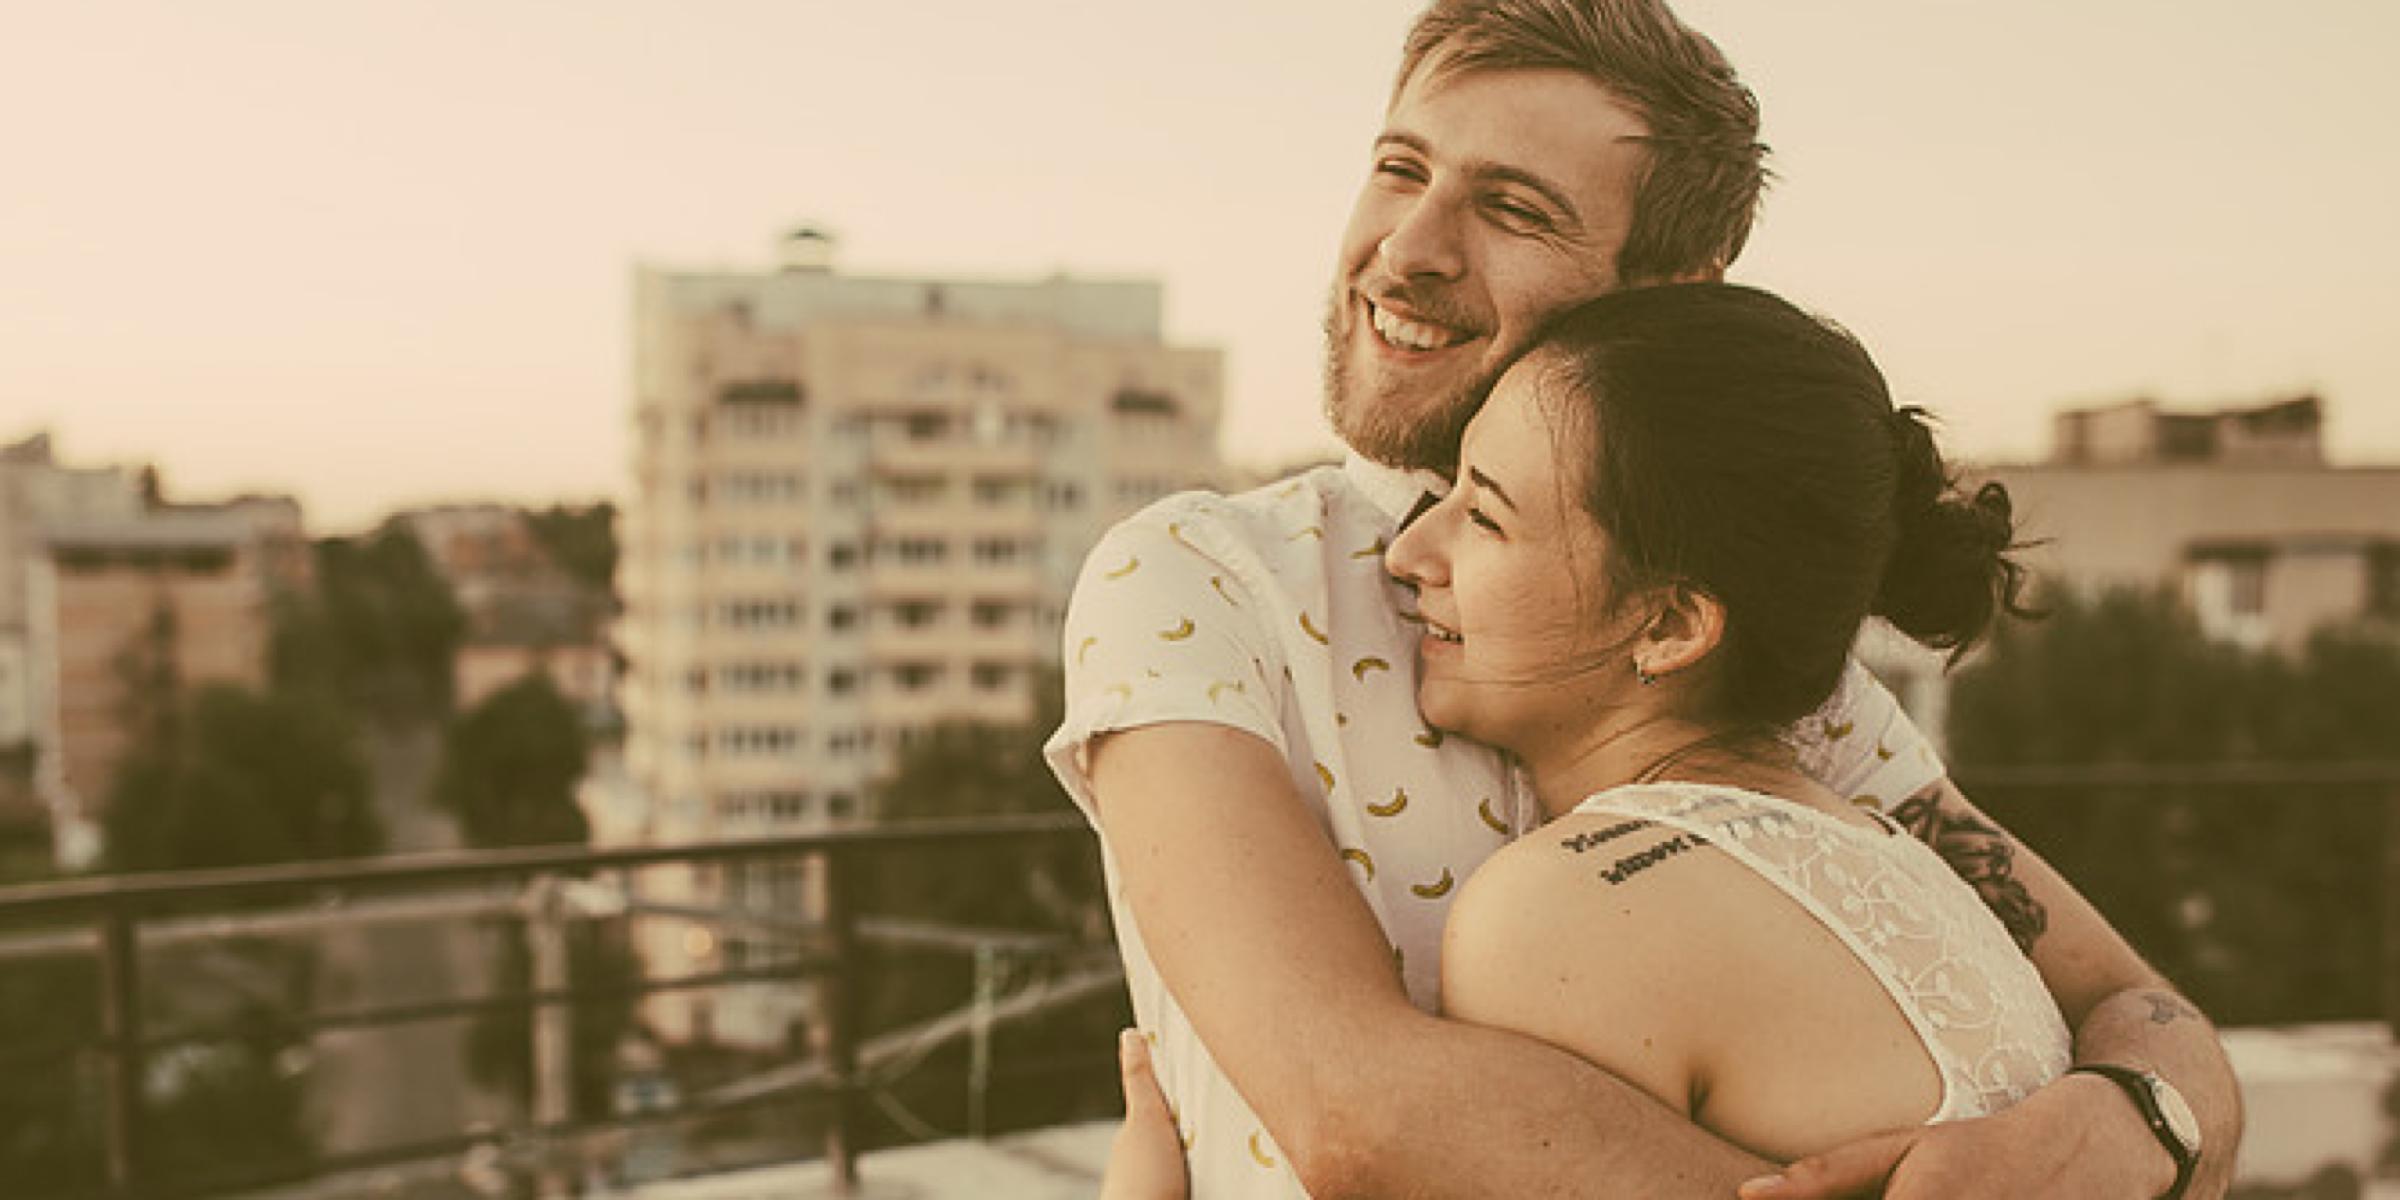 Bachelorette dating app bra beskrivande ord för dejtingprofil